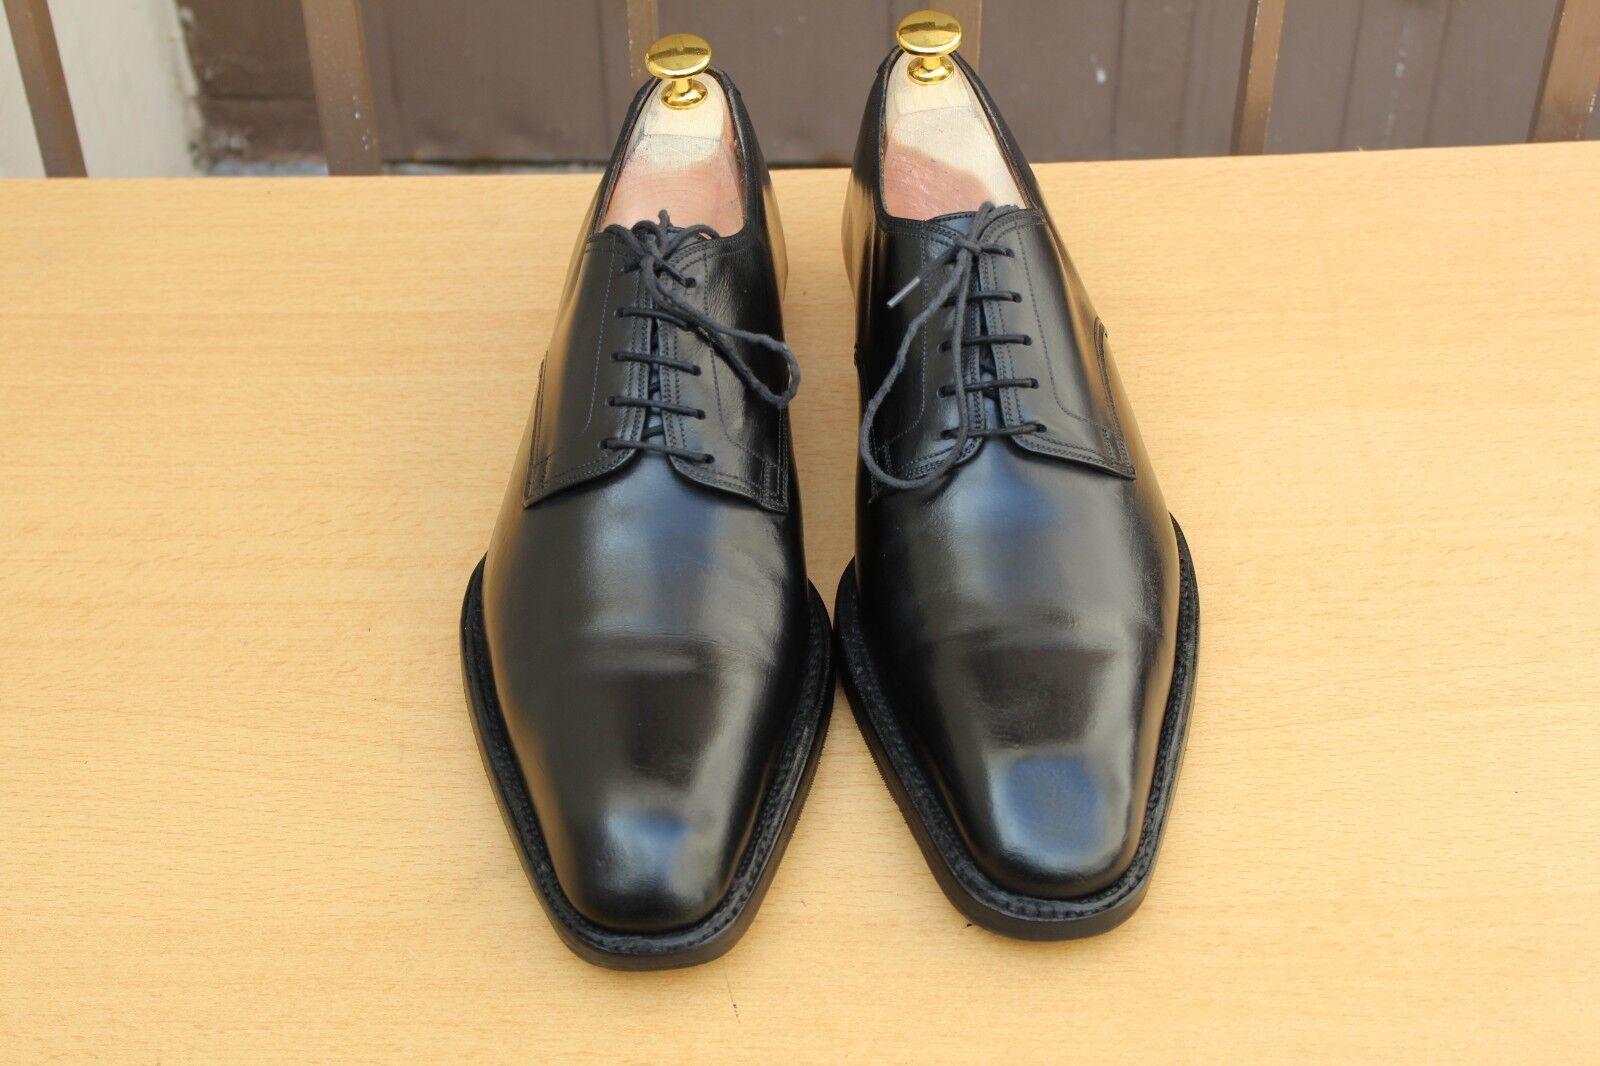 i nuovi stili più caldi CHAUSSURE scarpe JM WESTON CUIR nero nero nero 10 D 44 EXCELLENT ETAT uomo scarpe  nessun minimo